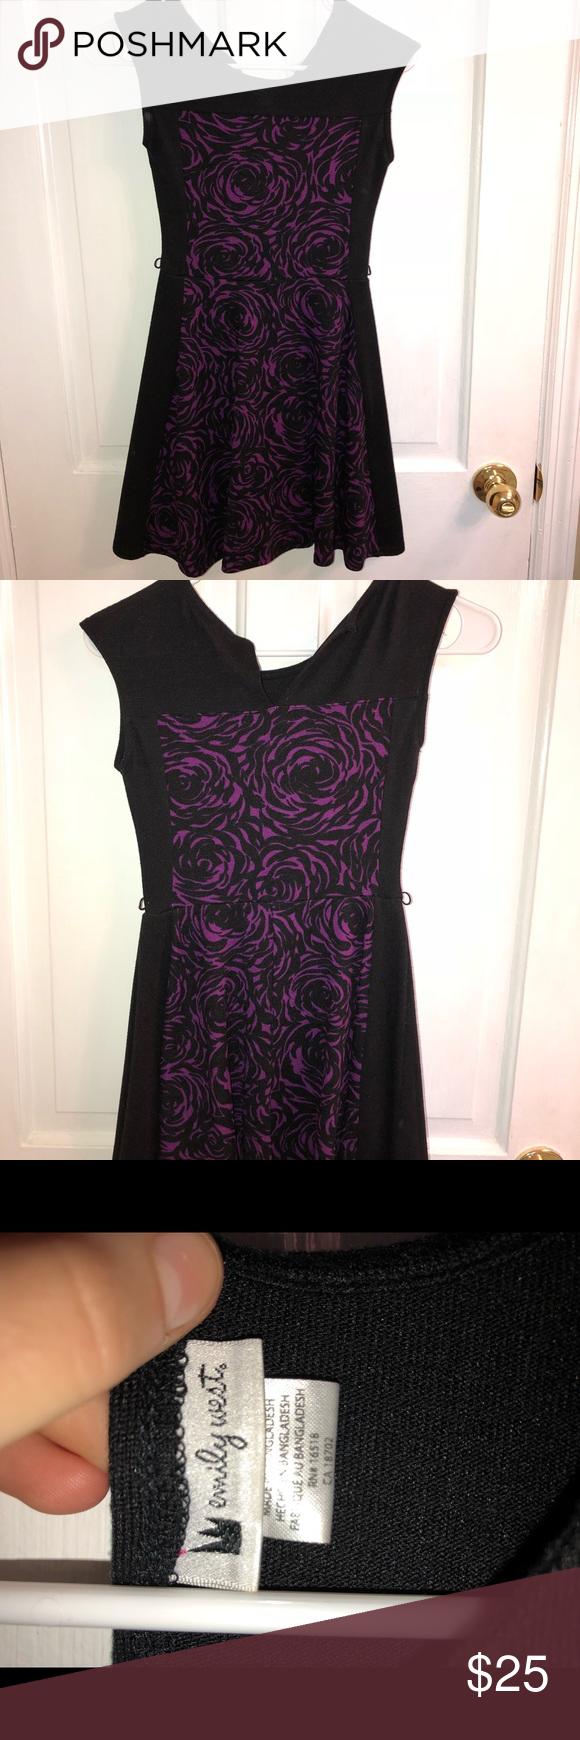 Girls emily west dress worn twice looks new good quality purple and